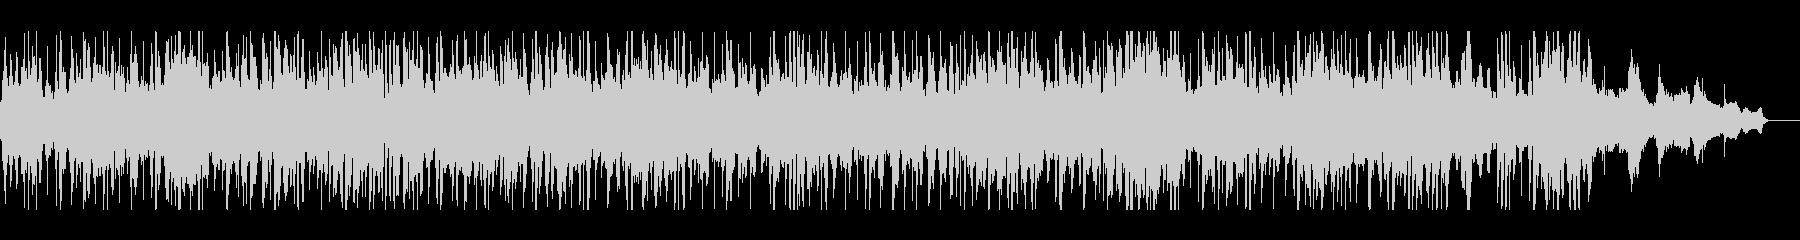 切ないブルース(インスト)の未再生の波形